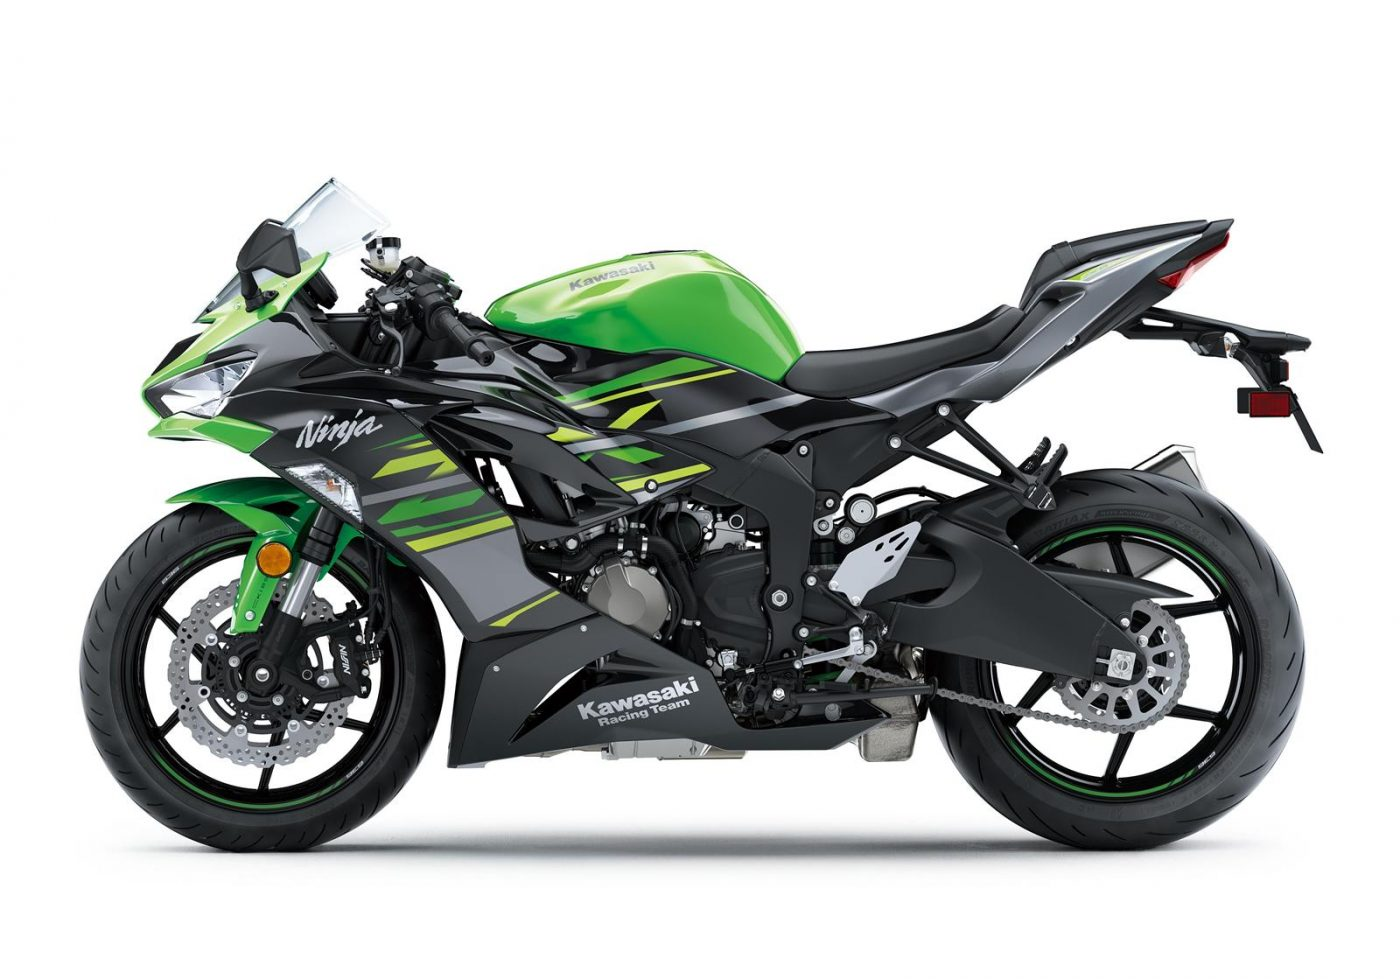 Ninja Zx 6r Kawasaki Indiacom